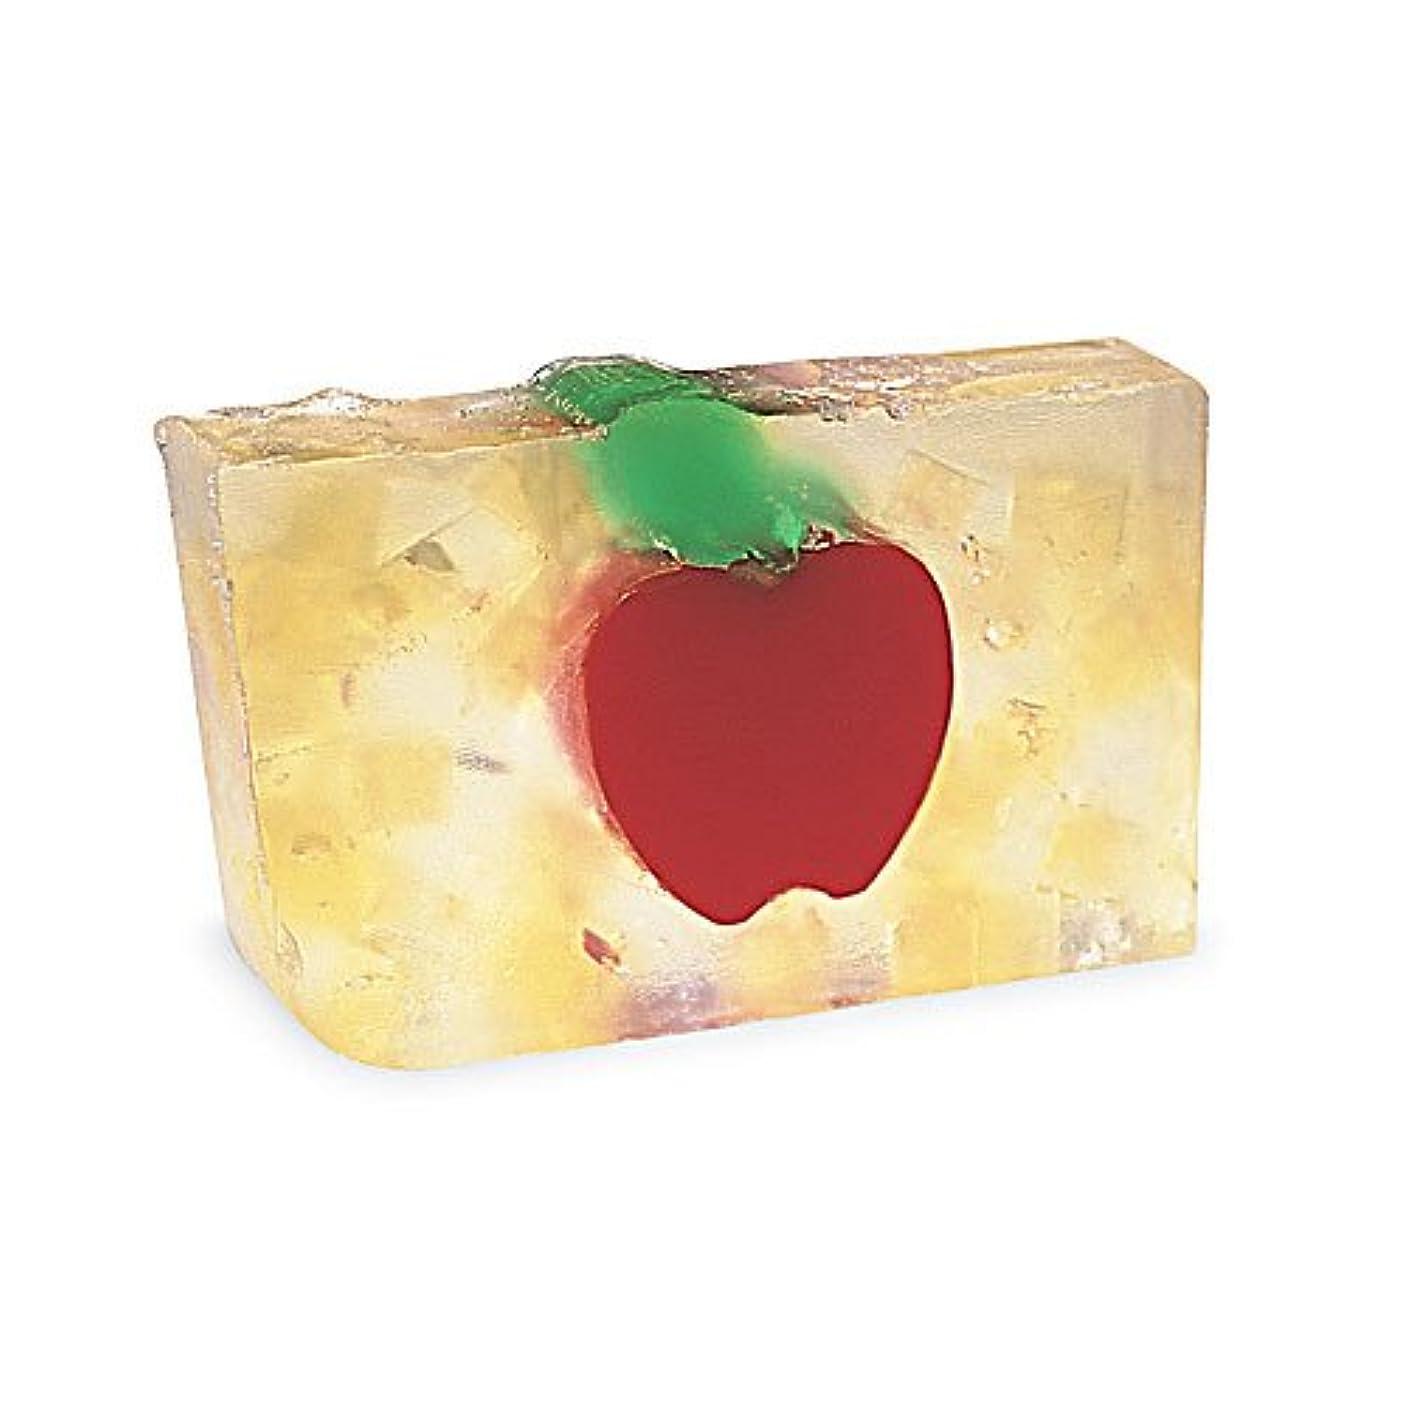 ノイズオークランド週末プライモールエレメンツ アロマティック ソープ ビッグアップル 180g 植物性 ナチュラル 石鹸 無添加